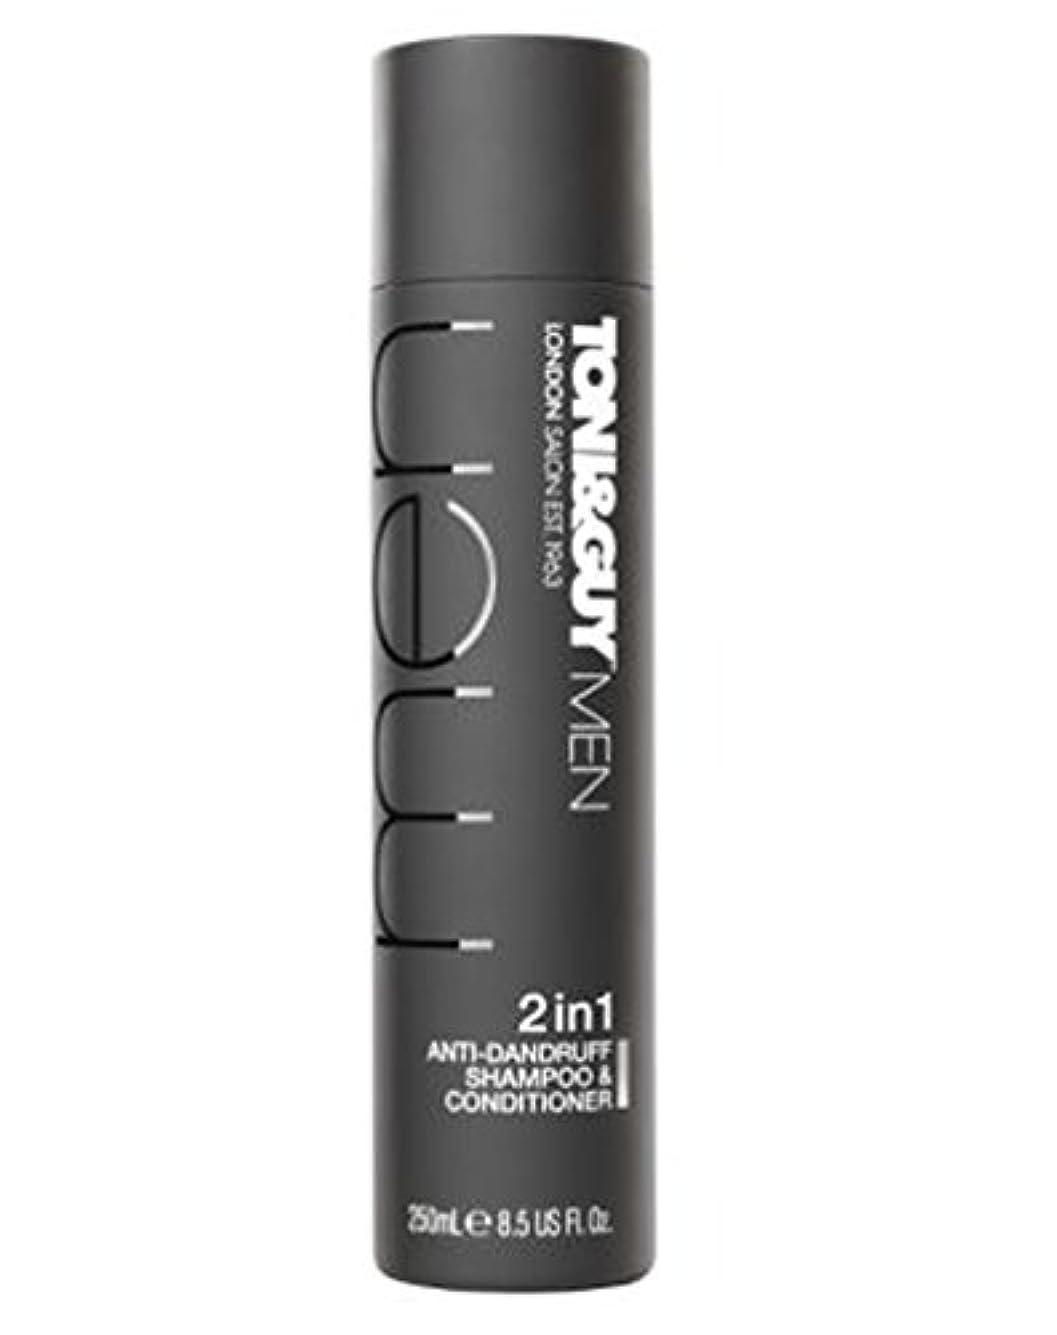 劇的にやにや省Toni&Guy Men Anti-dandruff shampoo & conditioner 250ml - トニ&男男性のフケ防止シャンプー&コンディショナー250ミリリットル (Toni & Guy) [並行輸入品]